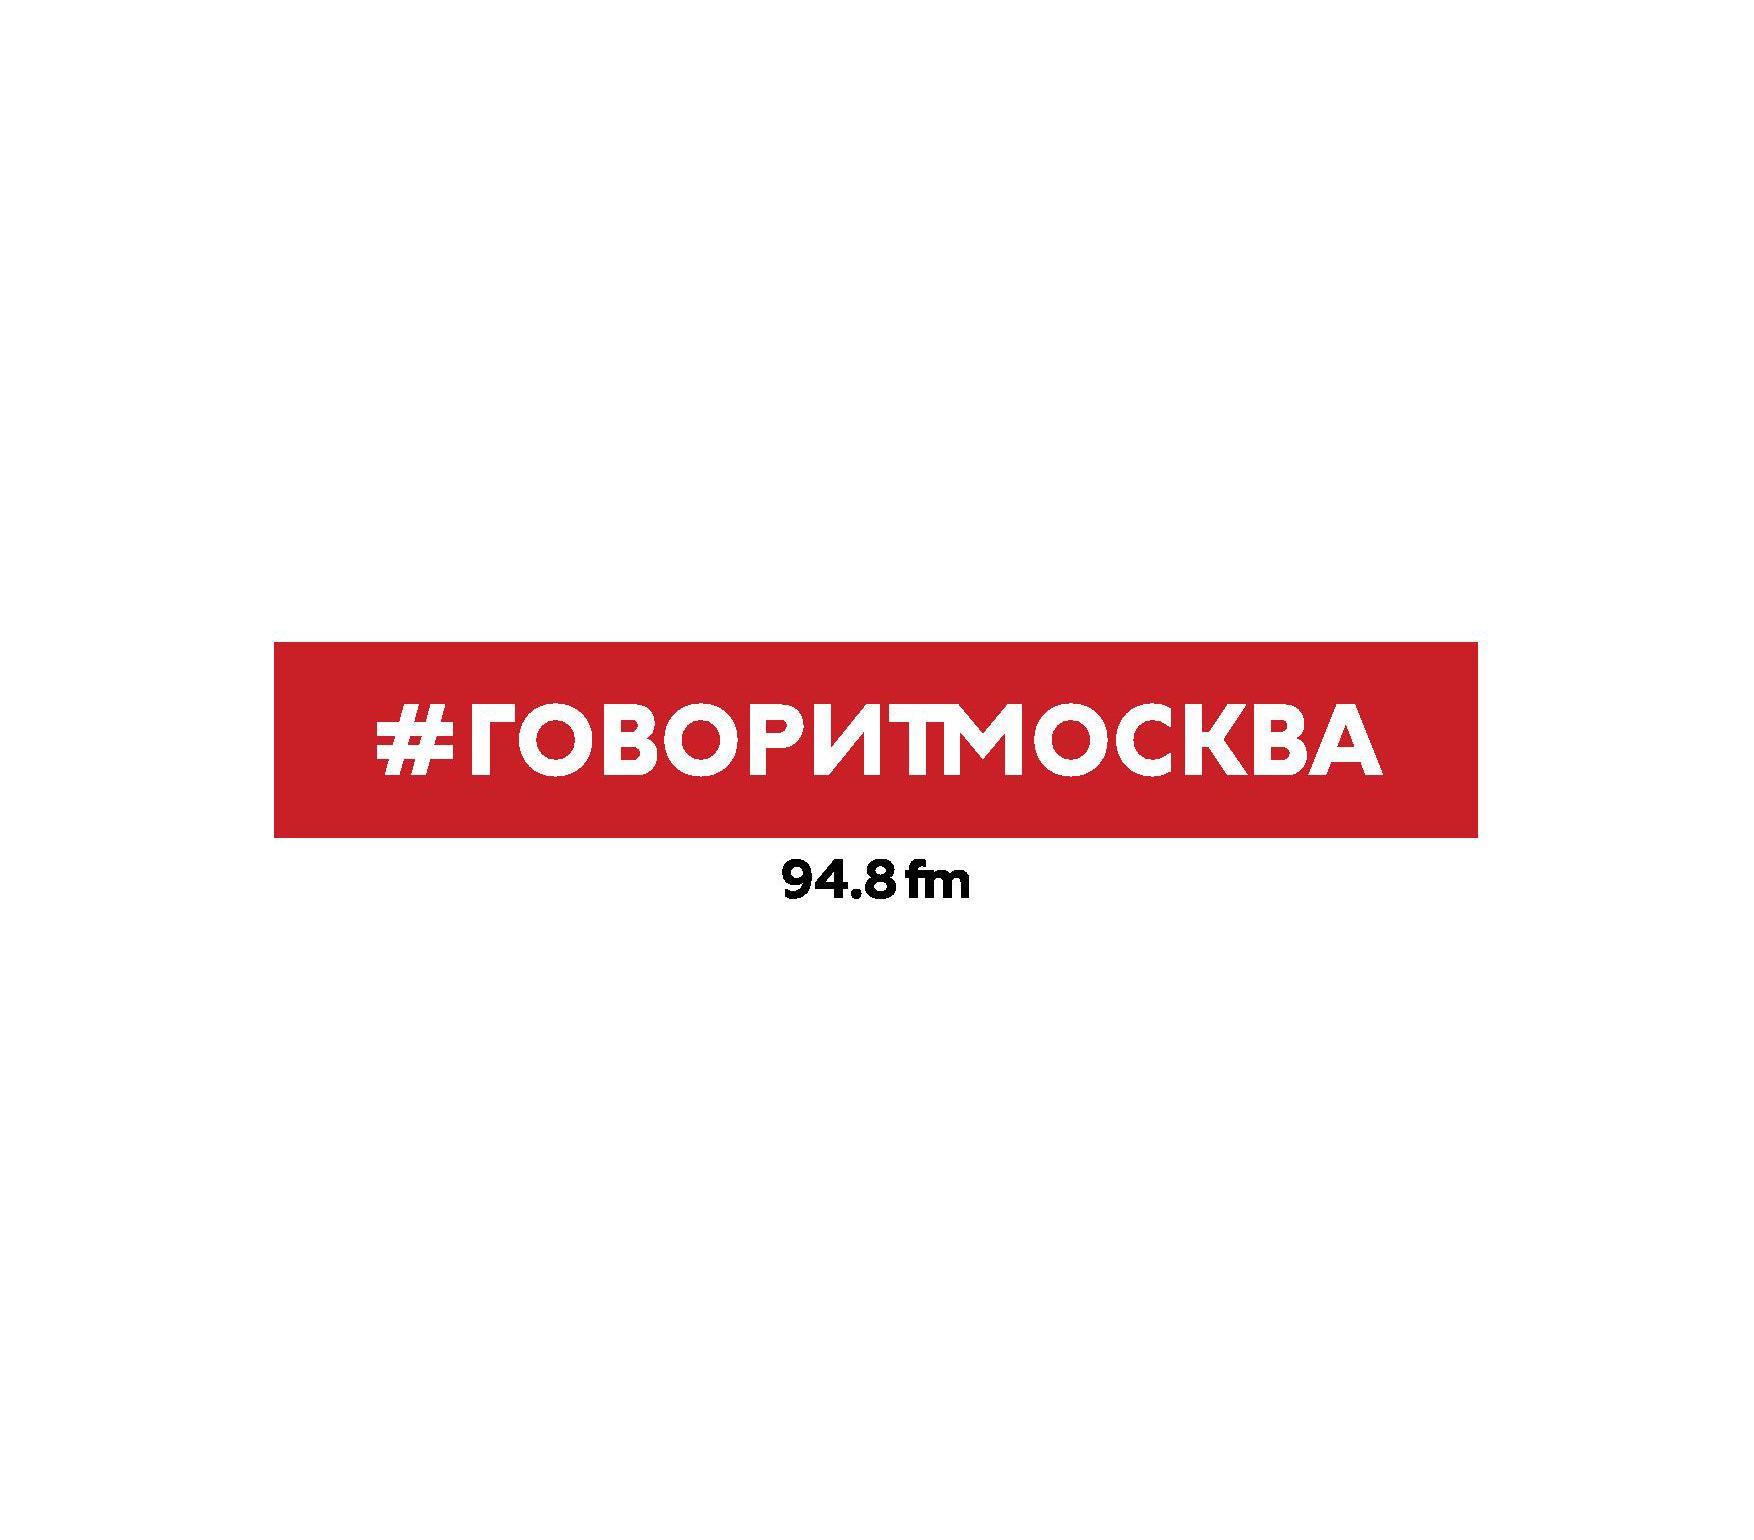 Сергей Береговой 110 лет Государственной Думе сергей береговой 110 лет октябрьскому манифесту 1905 года